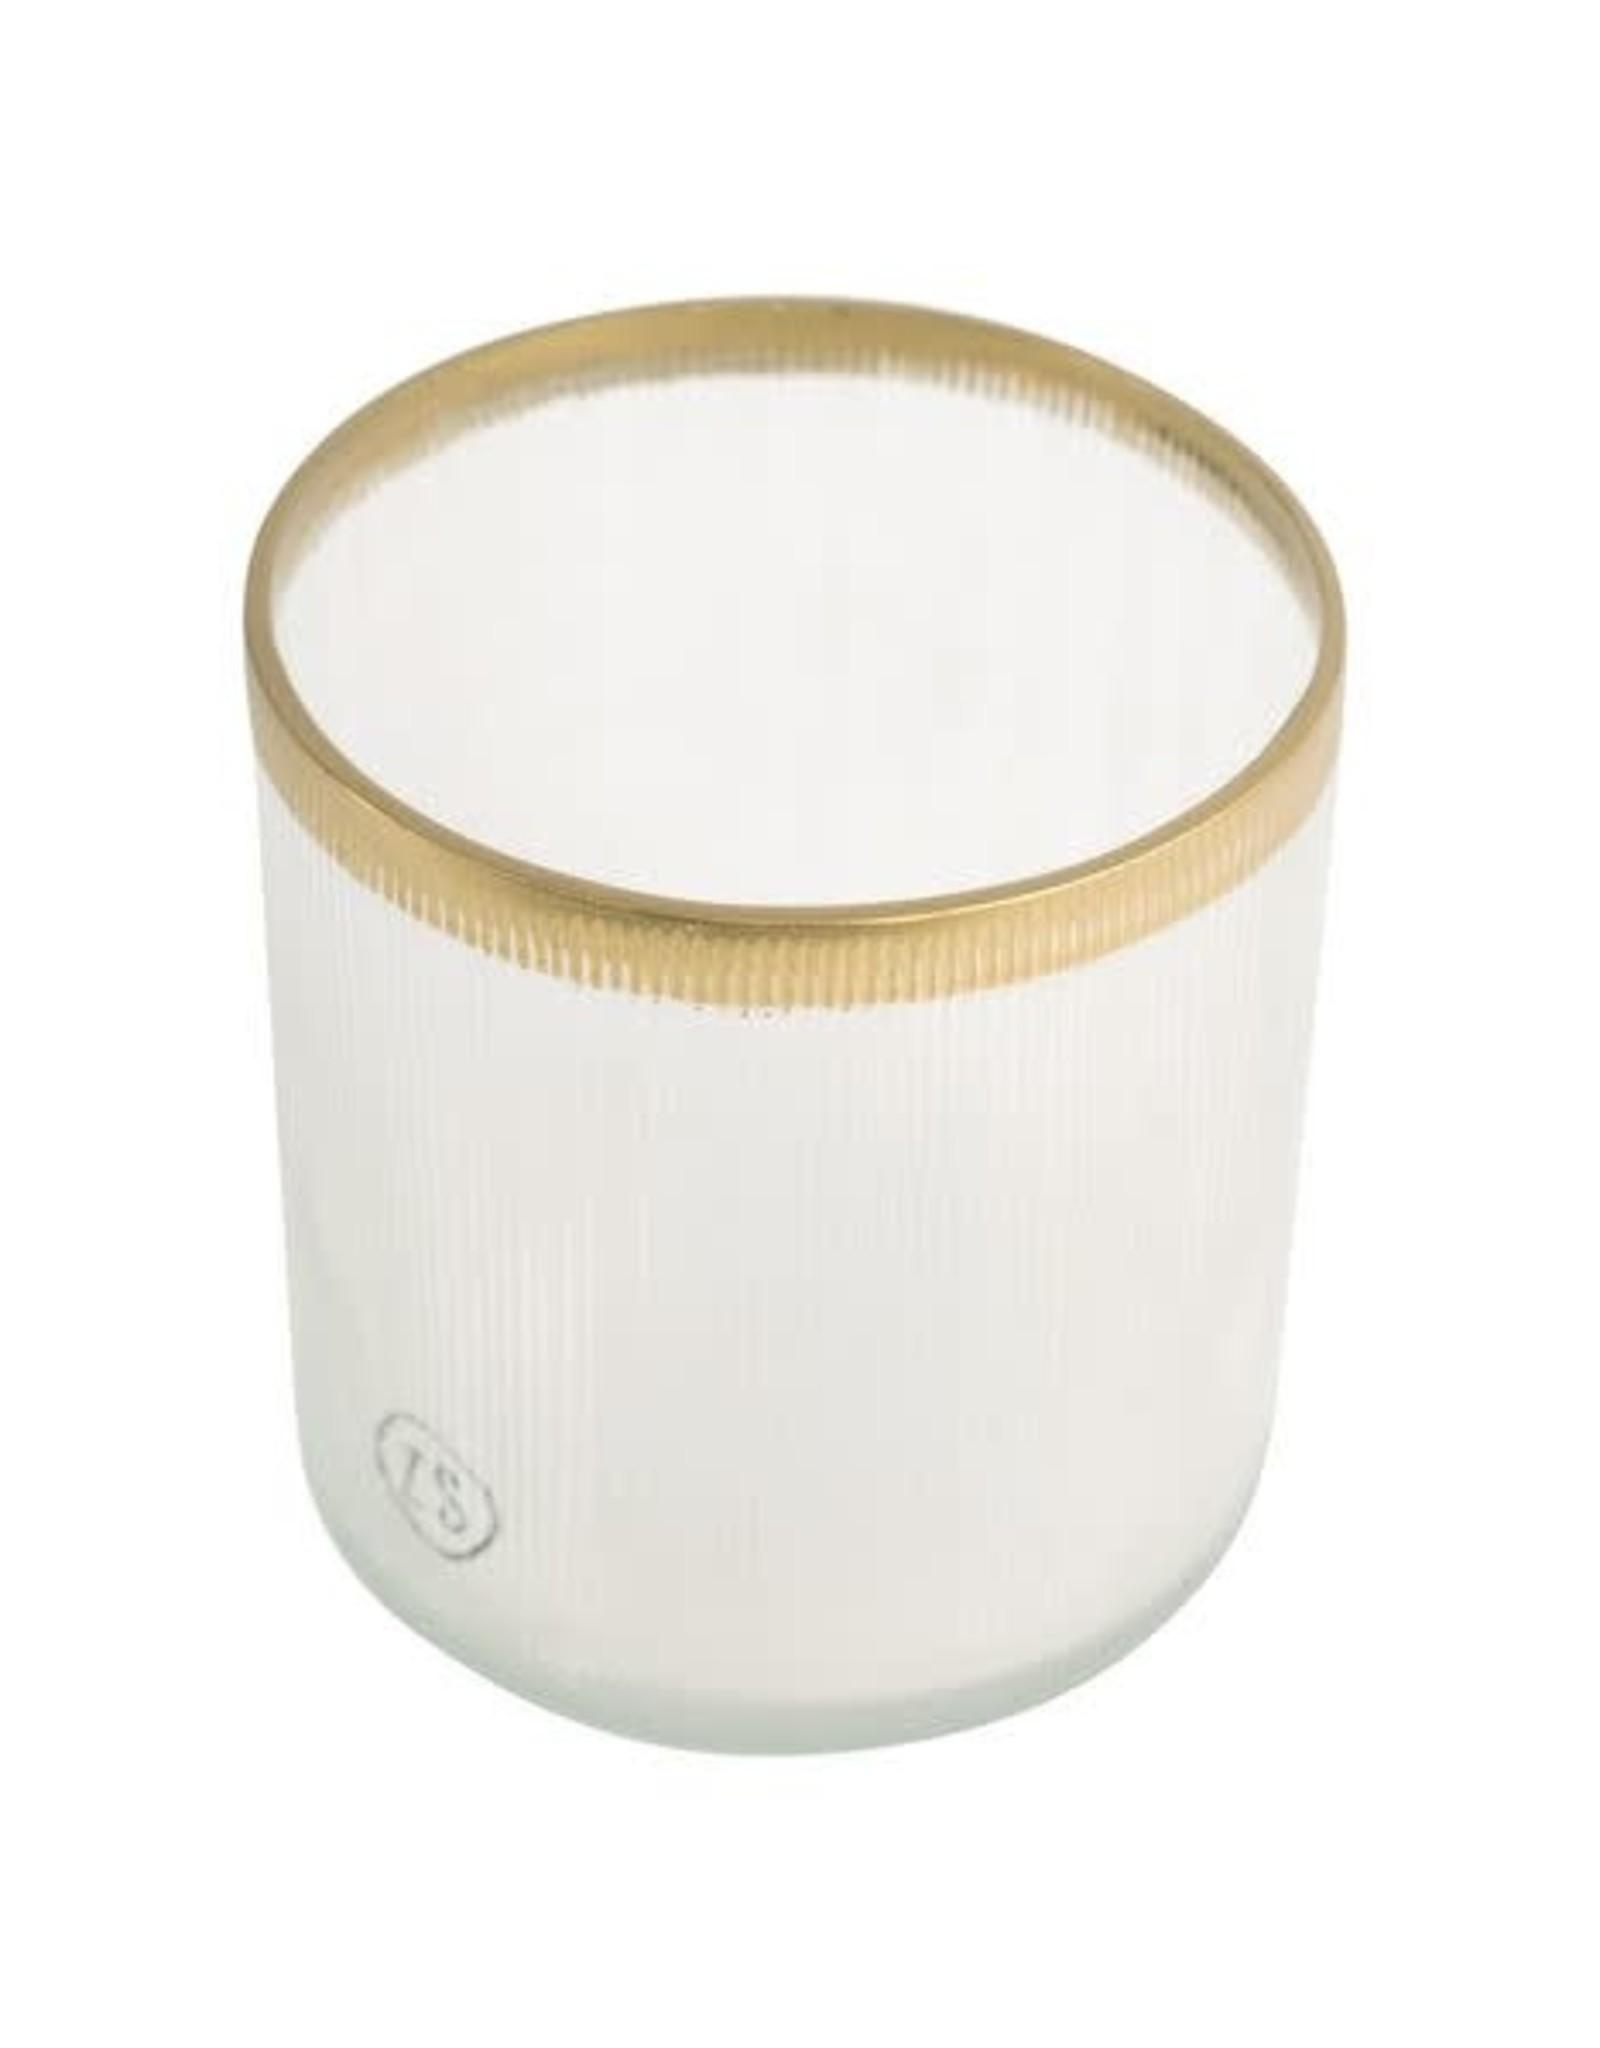 Zusss Zusss - Waxinelichthouder glas goud